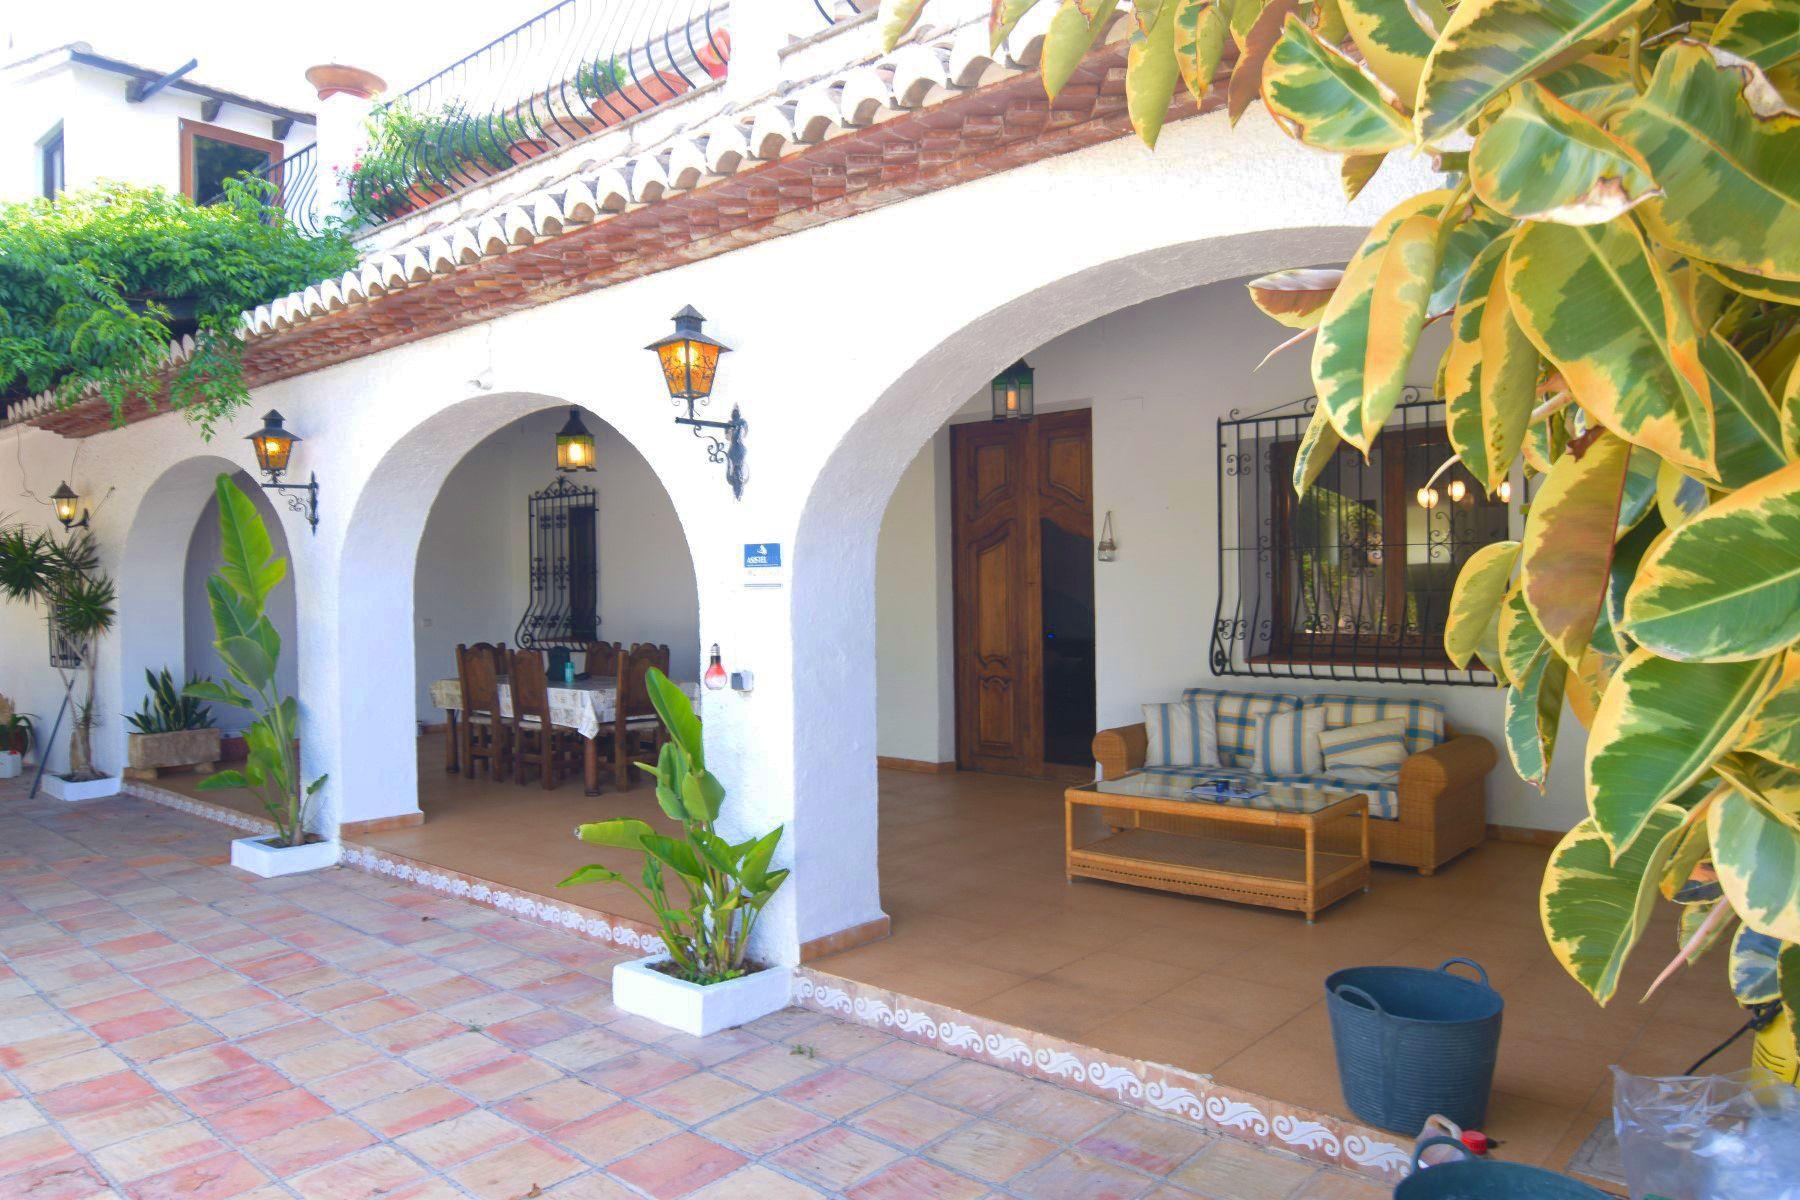 Casa / Chalet en Calpe / Calp, Benimarco, venta